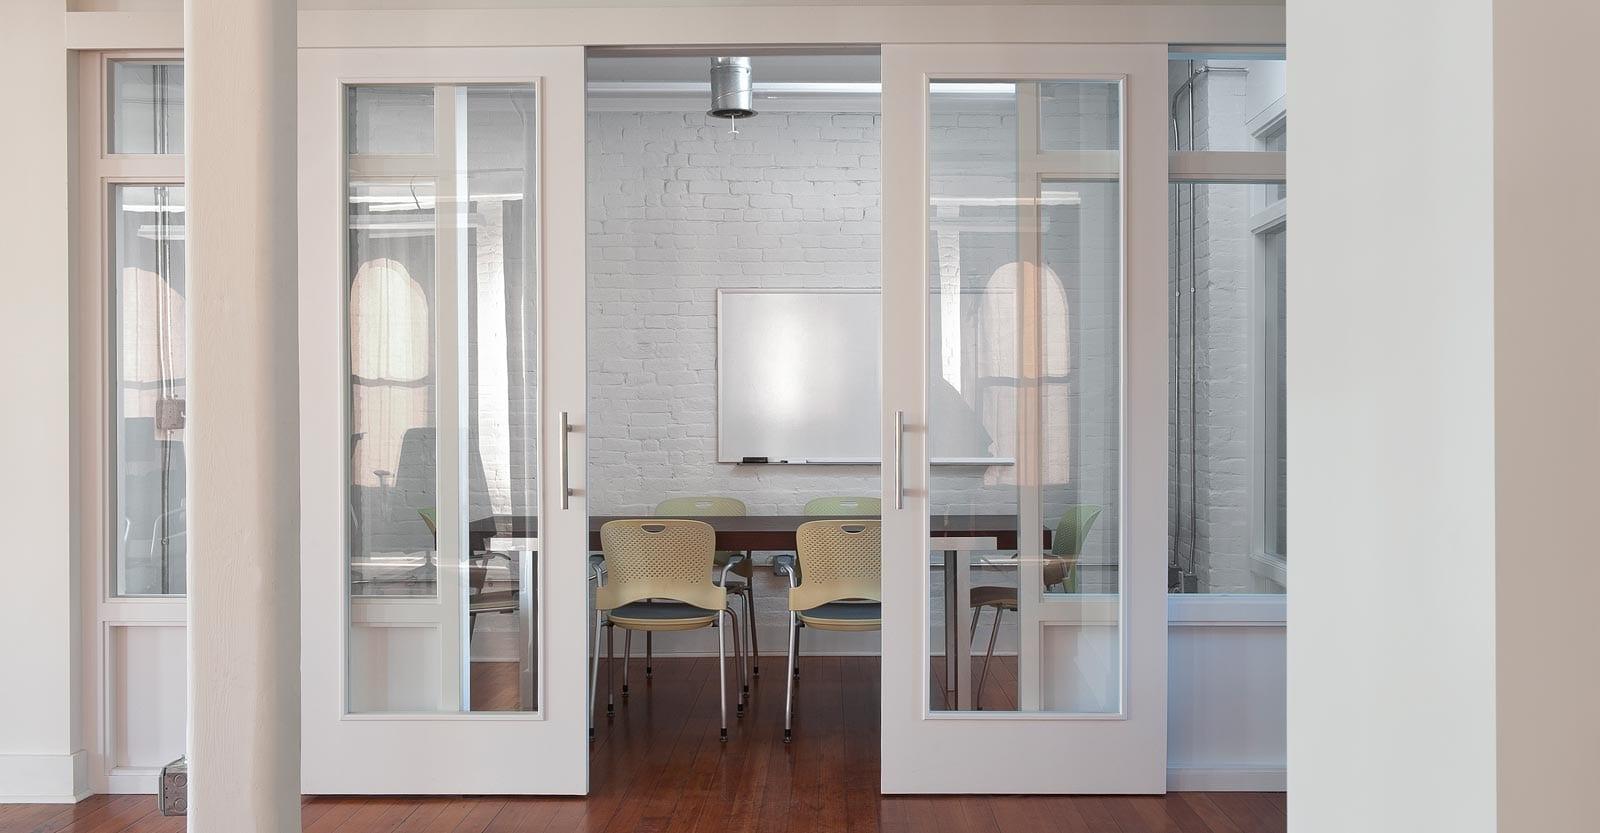 La importancia de las puertas en la decoraci n - Decoracion puertas interior ...